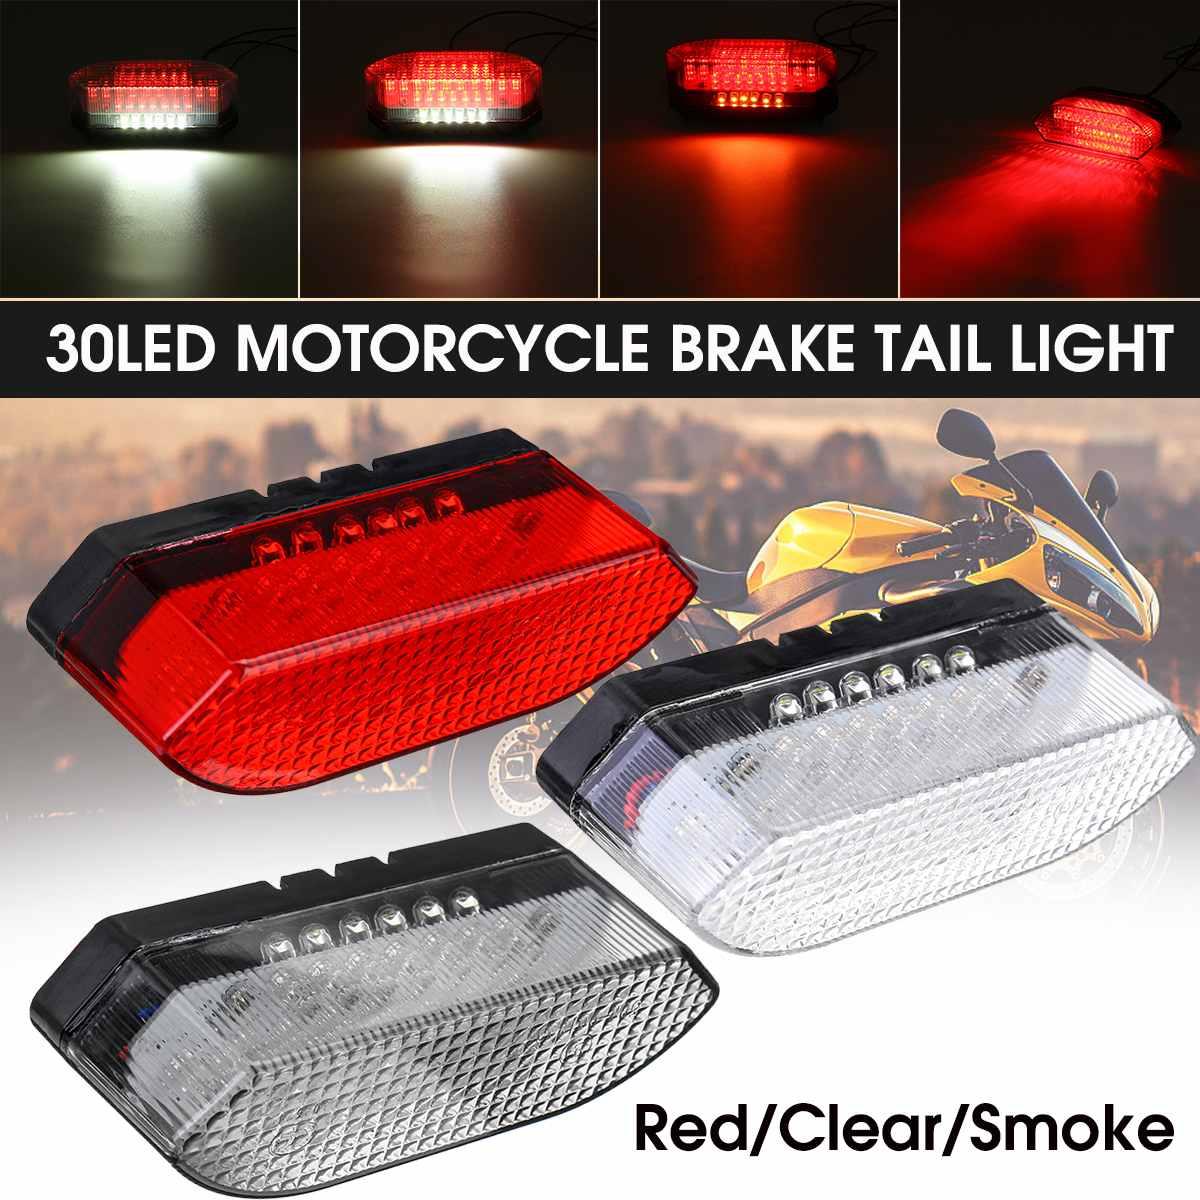 LED Motorcycle Bike Rear Tail Stop Brake Light Lamp Taillight Rear Lamp License Plate Integrated Light Braking For Dirt Bike ATV